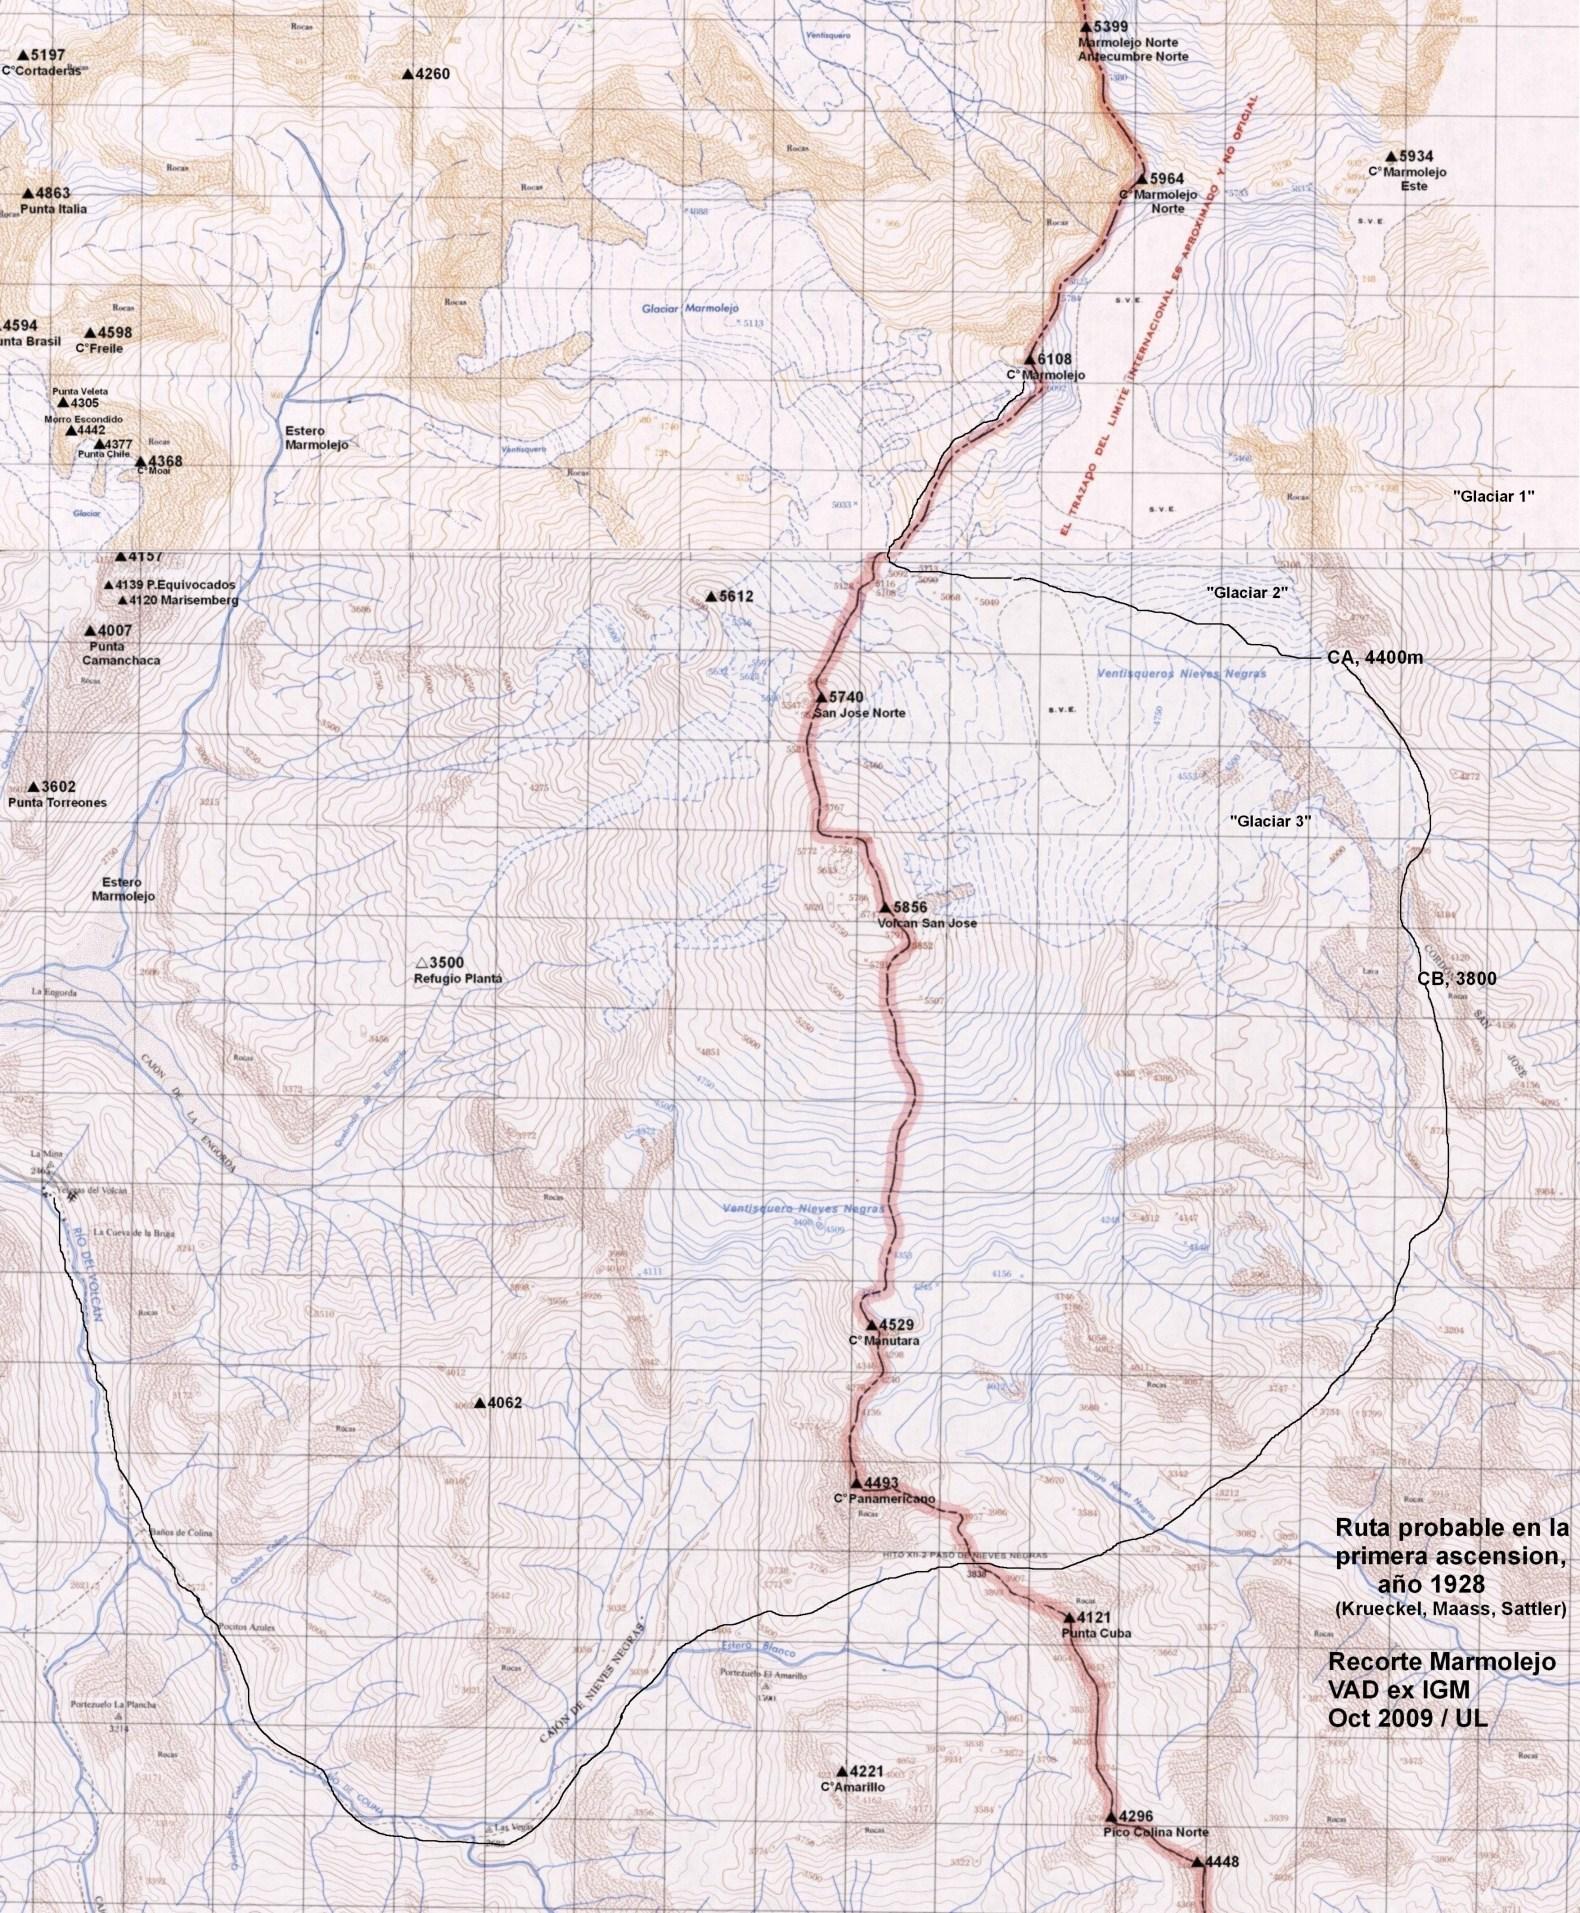 Primera Ascensión del Cerro Marmolejo (1928)